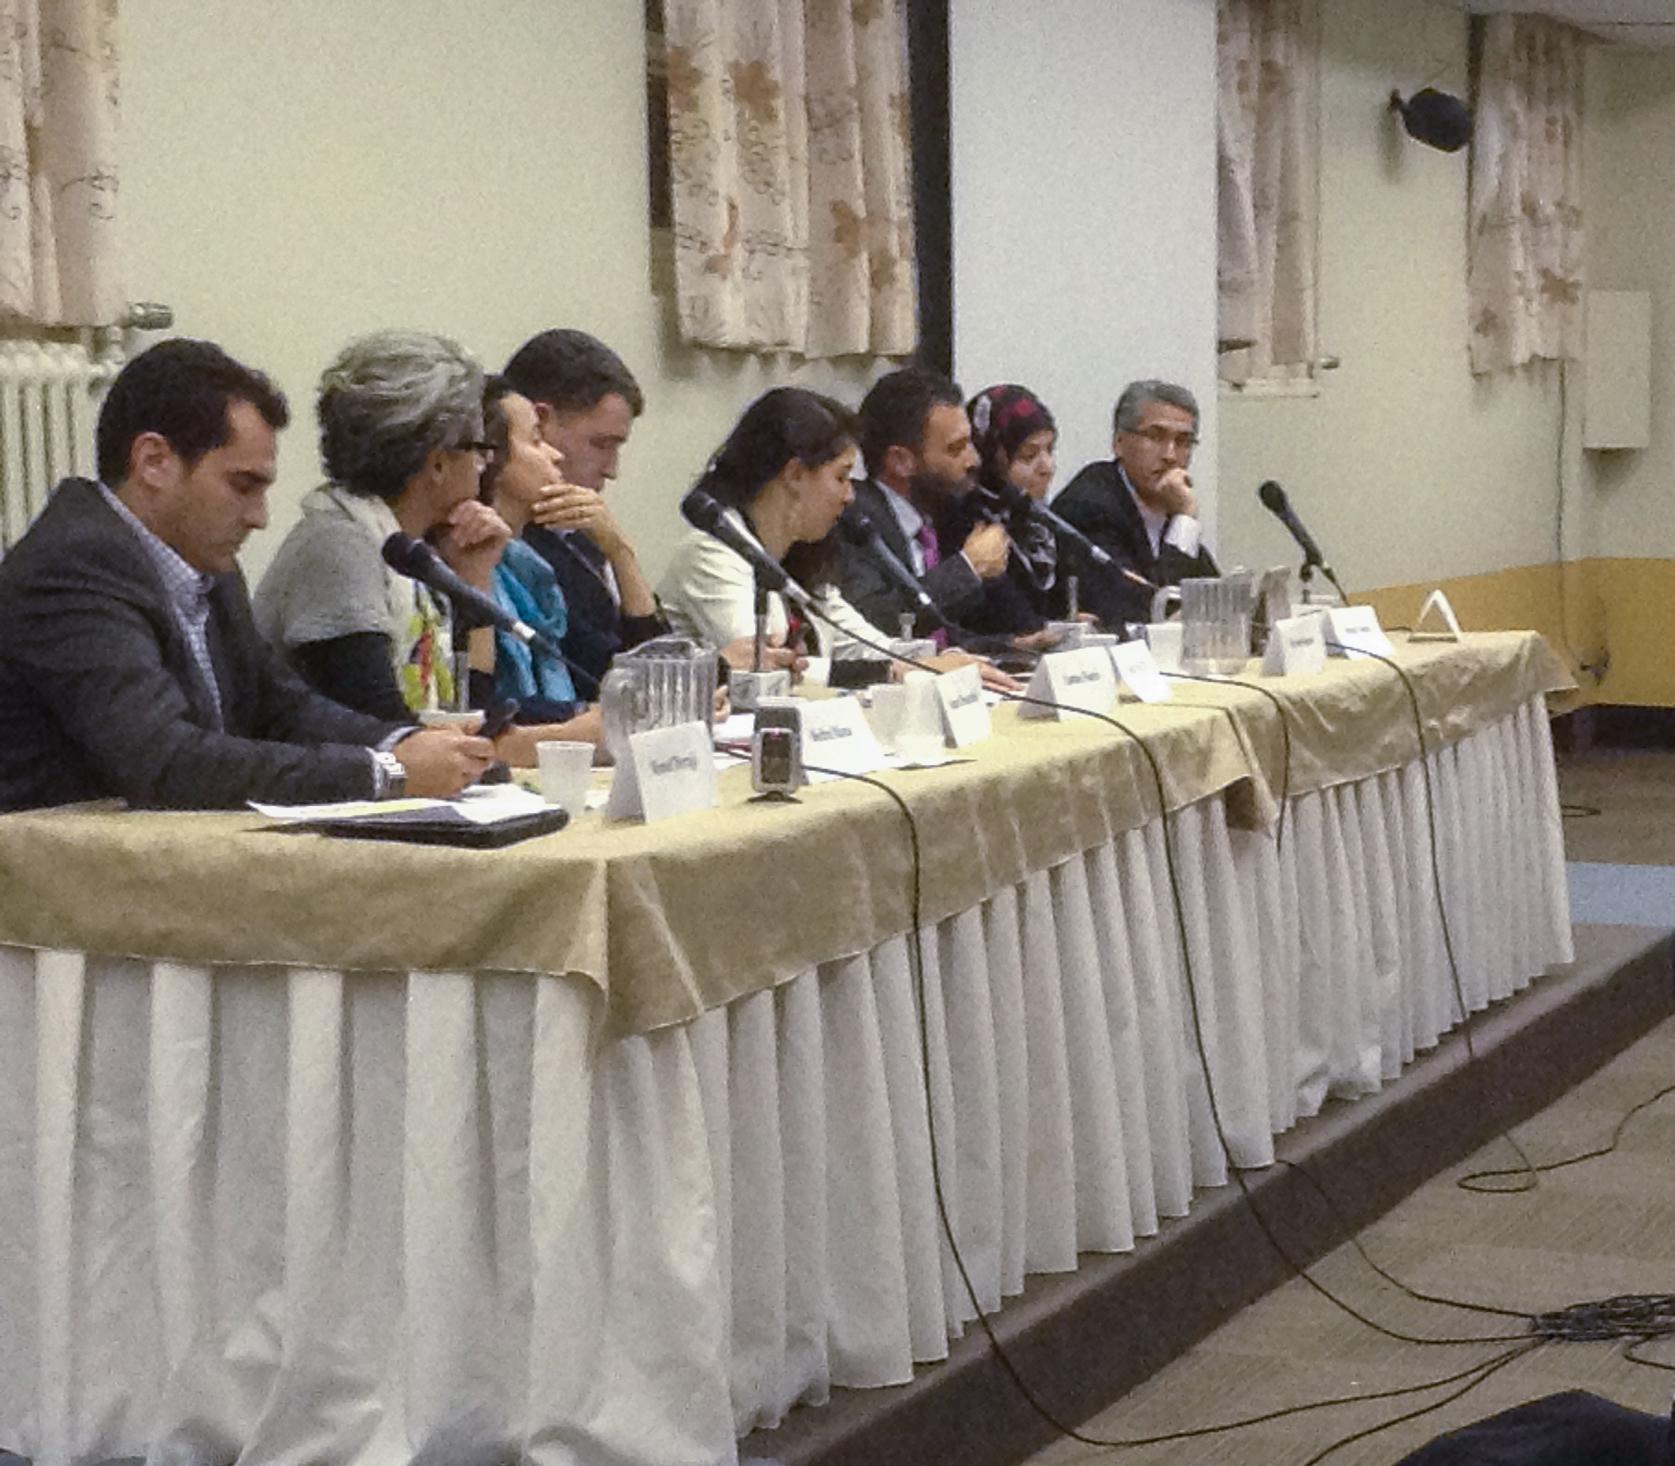 Ensemble contre la stigmatisation de la communauté musulmane